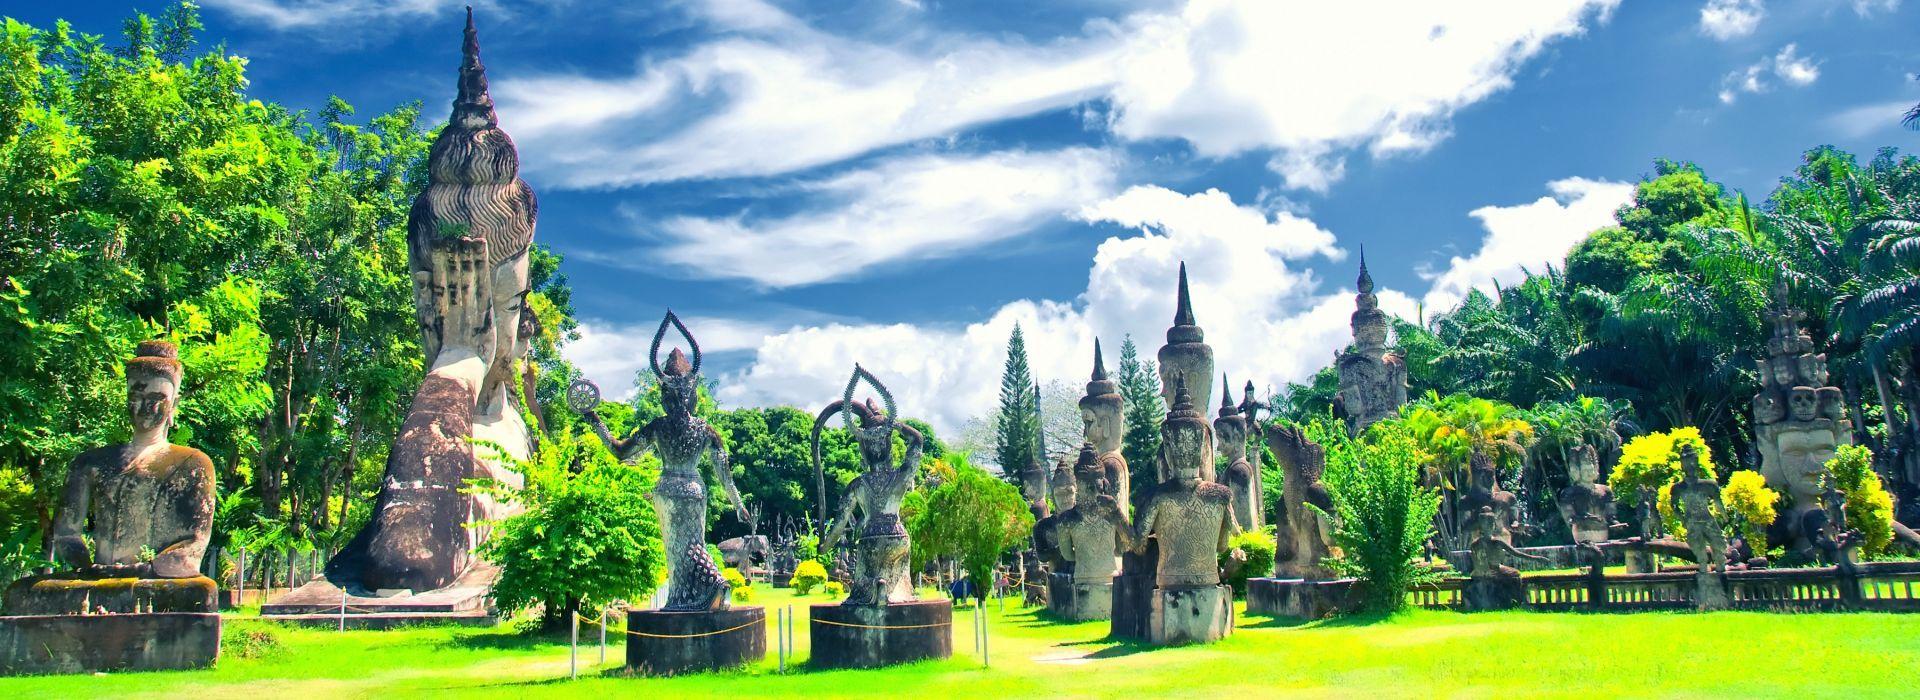 Natural landmarks sightseeing Tours in Laos